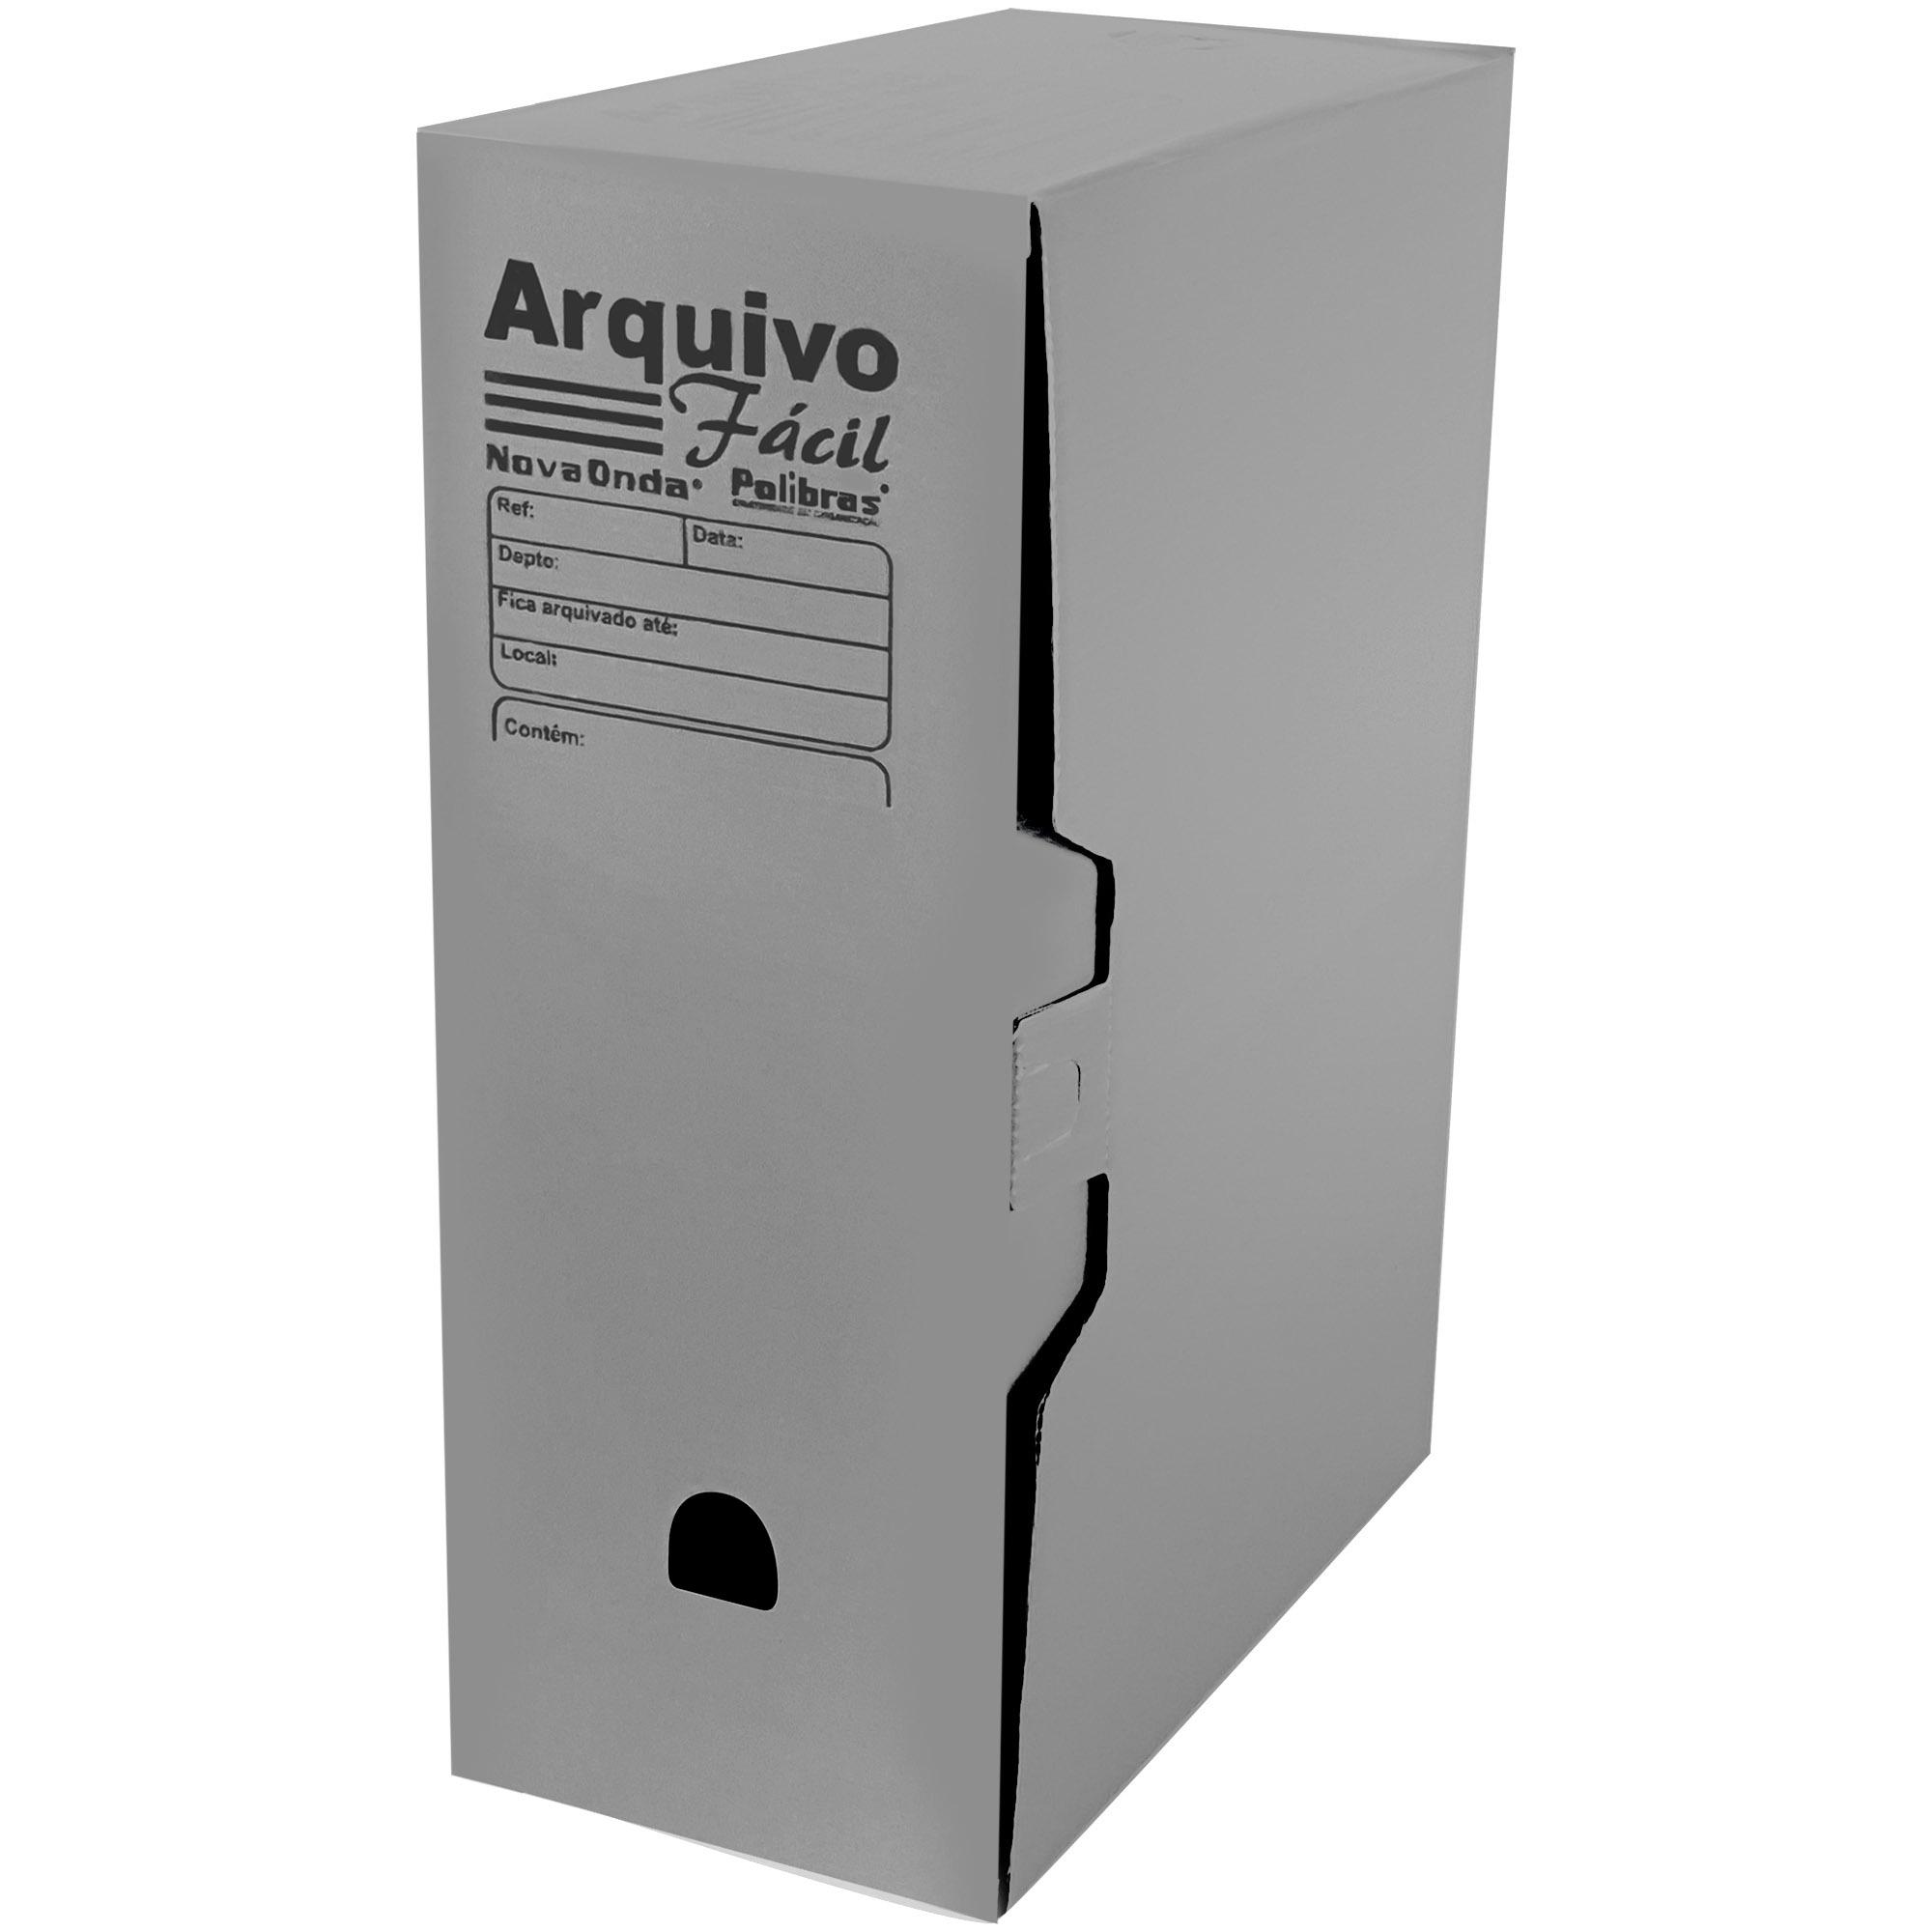 Caixa Arquivo Morto Facil (250x130x350) Cor Cinza - Polibras